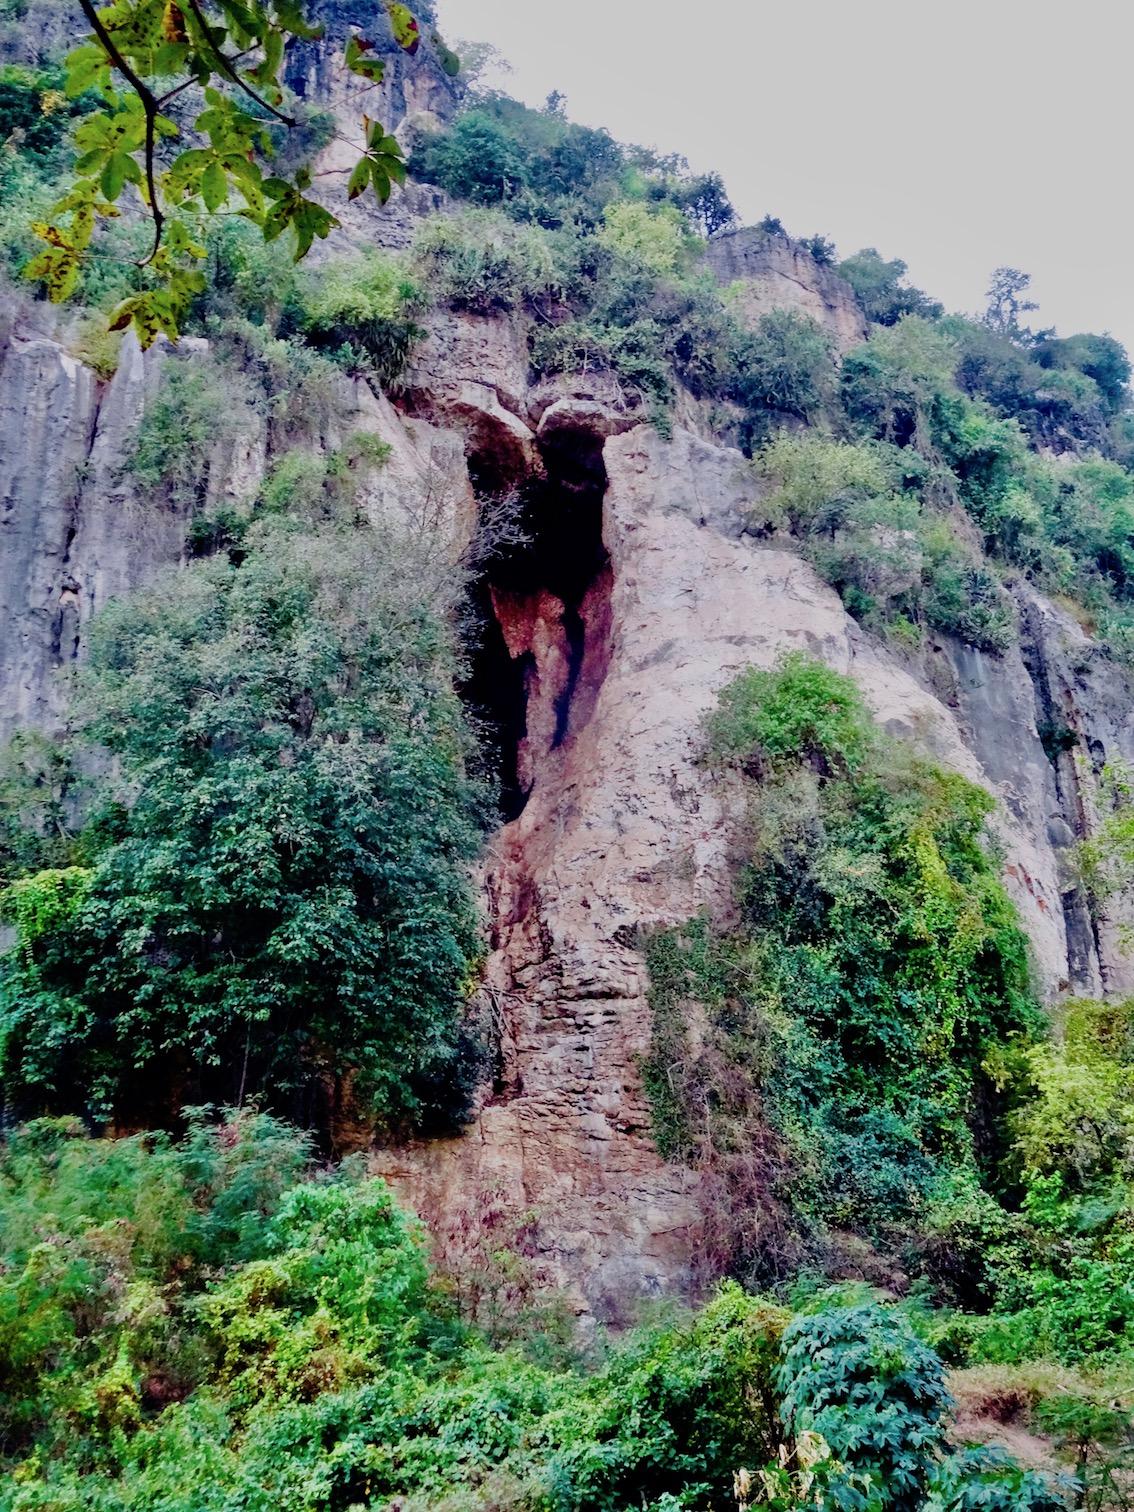 Phnom Sampeau bat cave Battambang province Cambodia